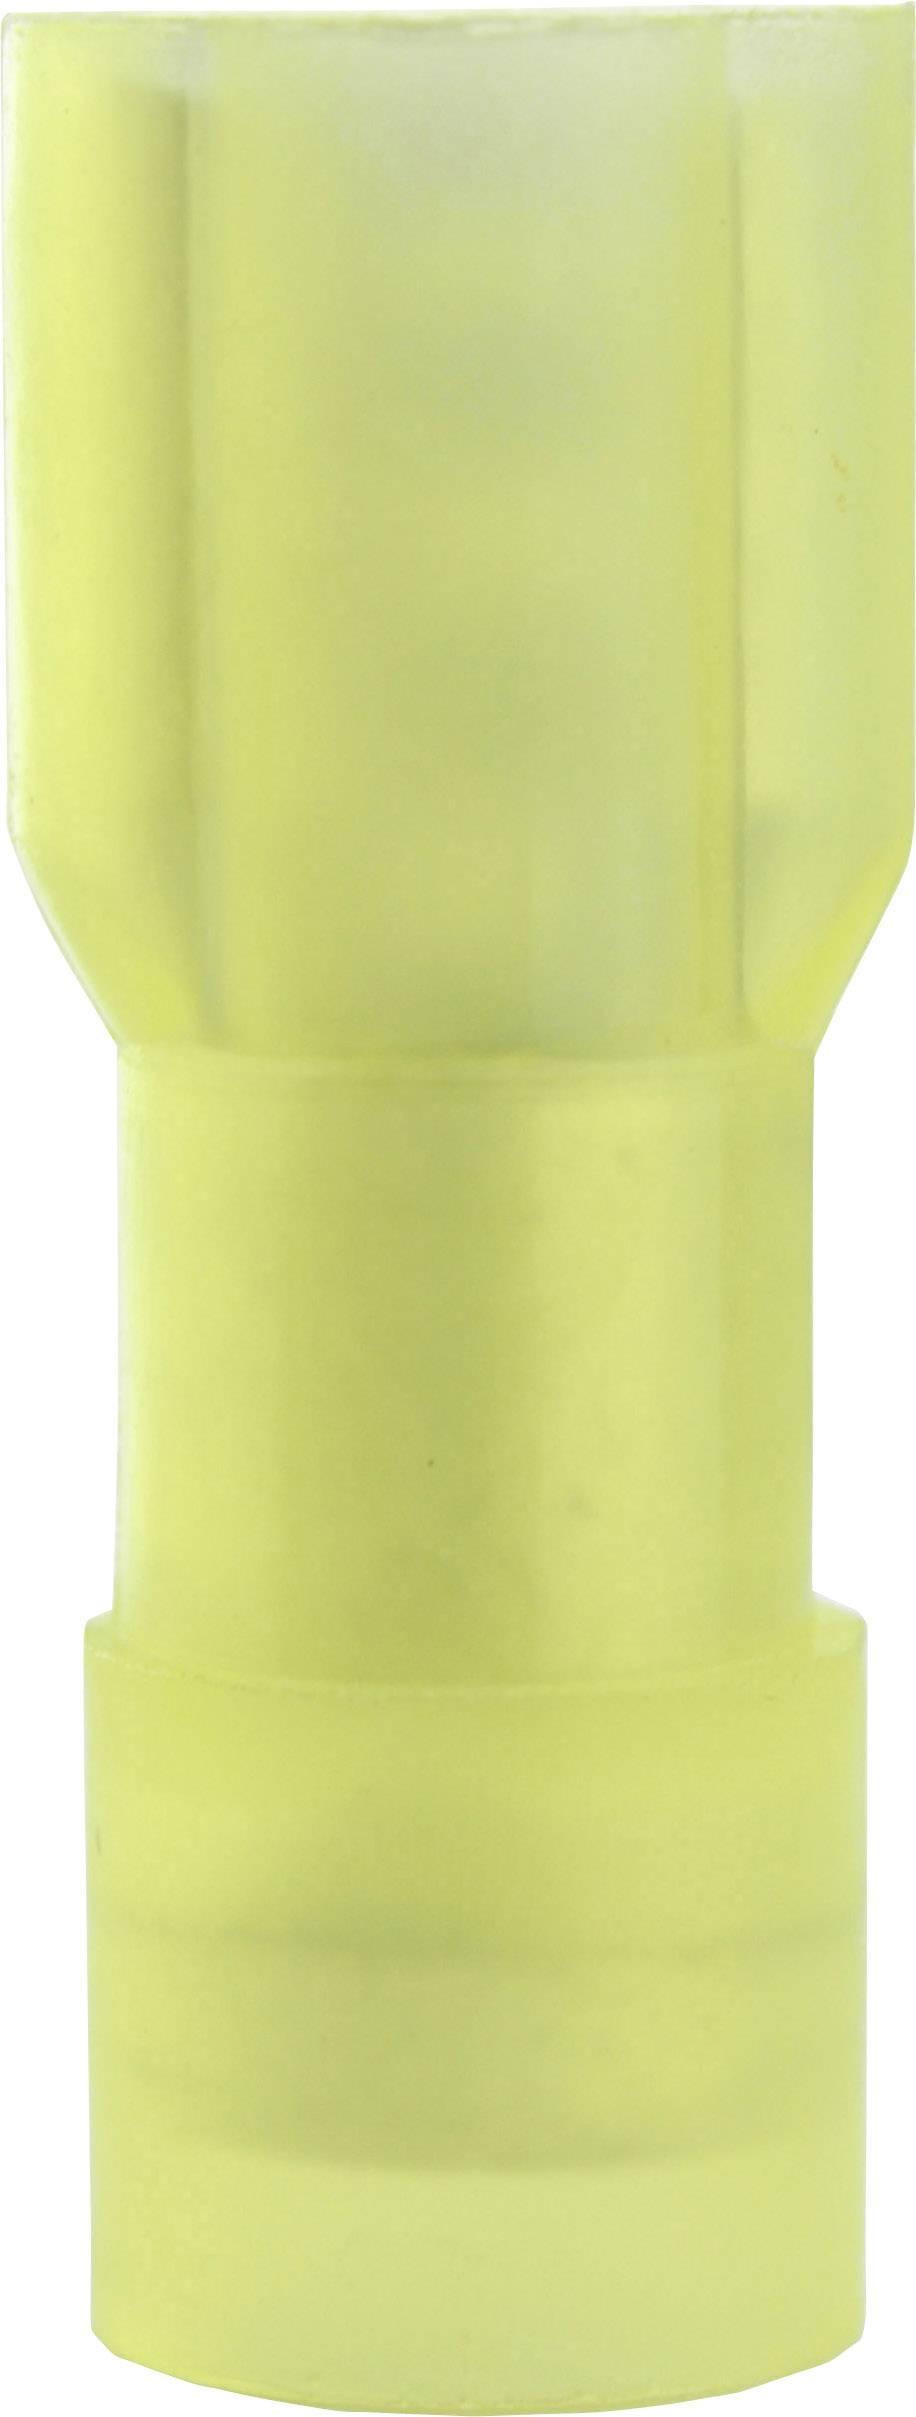 Faston konektor zásuvka Vogt Verbindungstechnik 3967 6.3 mm x 0.8 mm, 180 °, úplne izolované, žltá, 1 ks